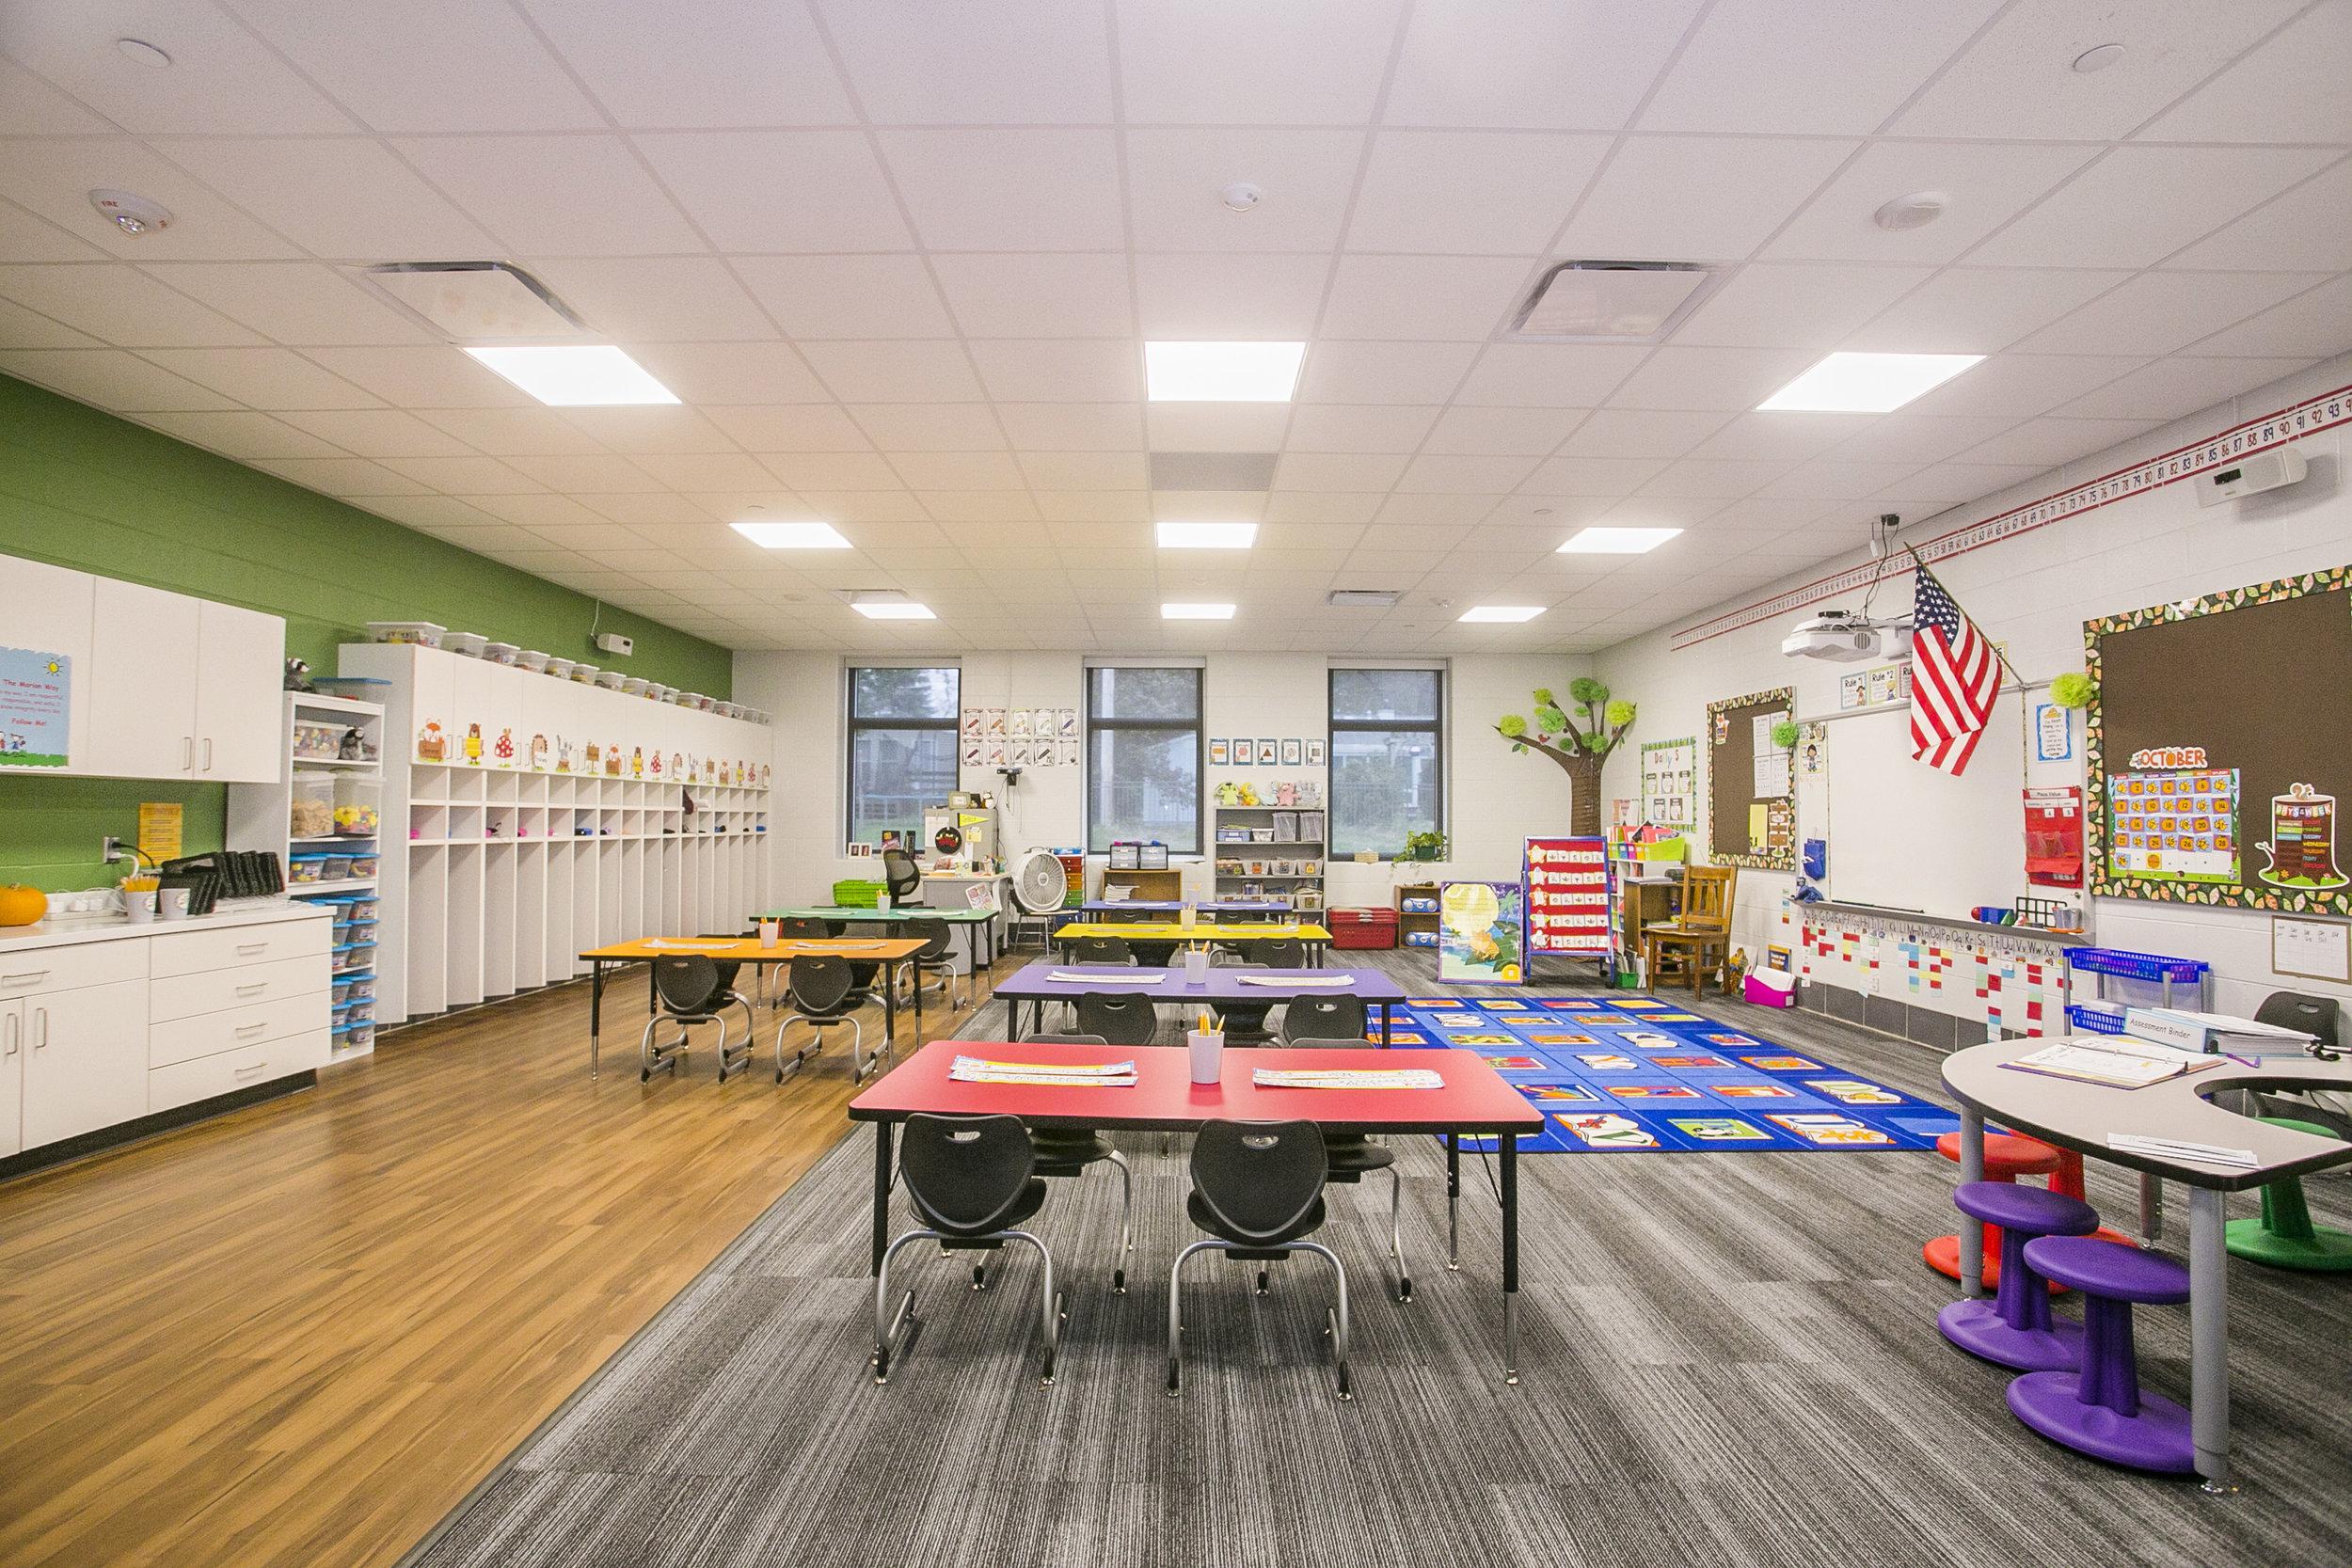 P Classrooms-01.jpg